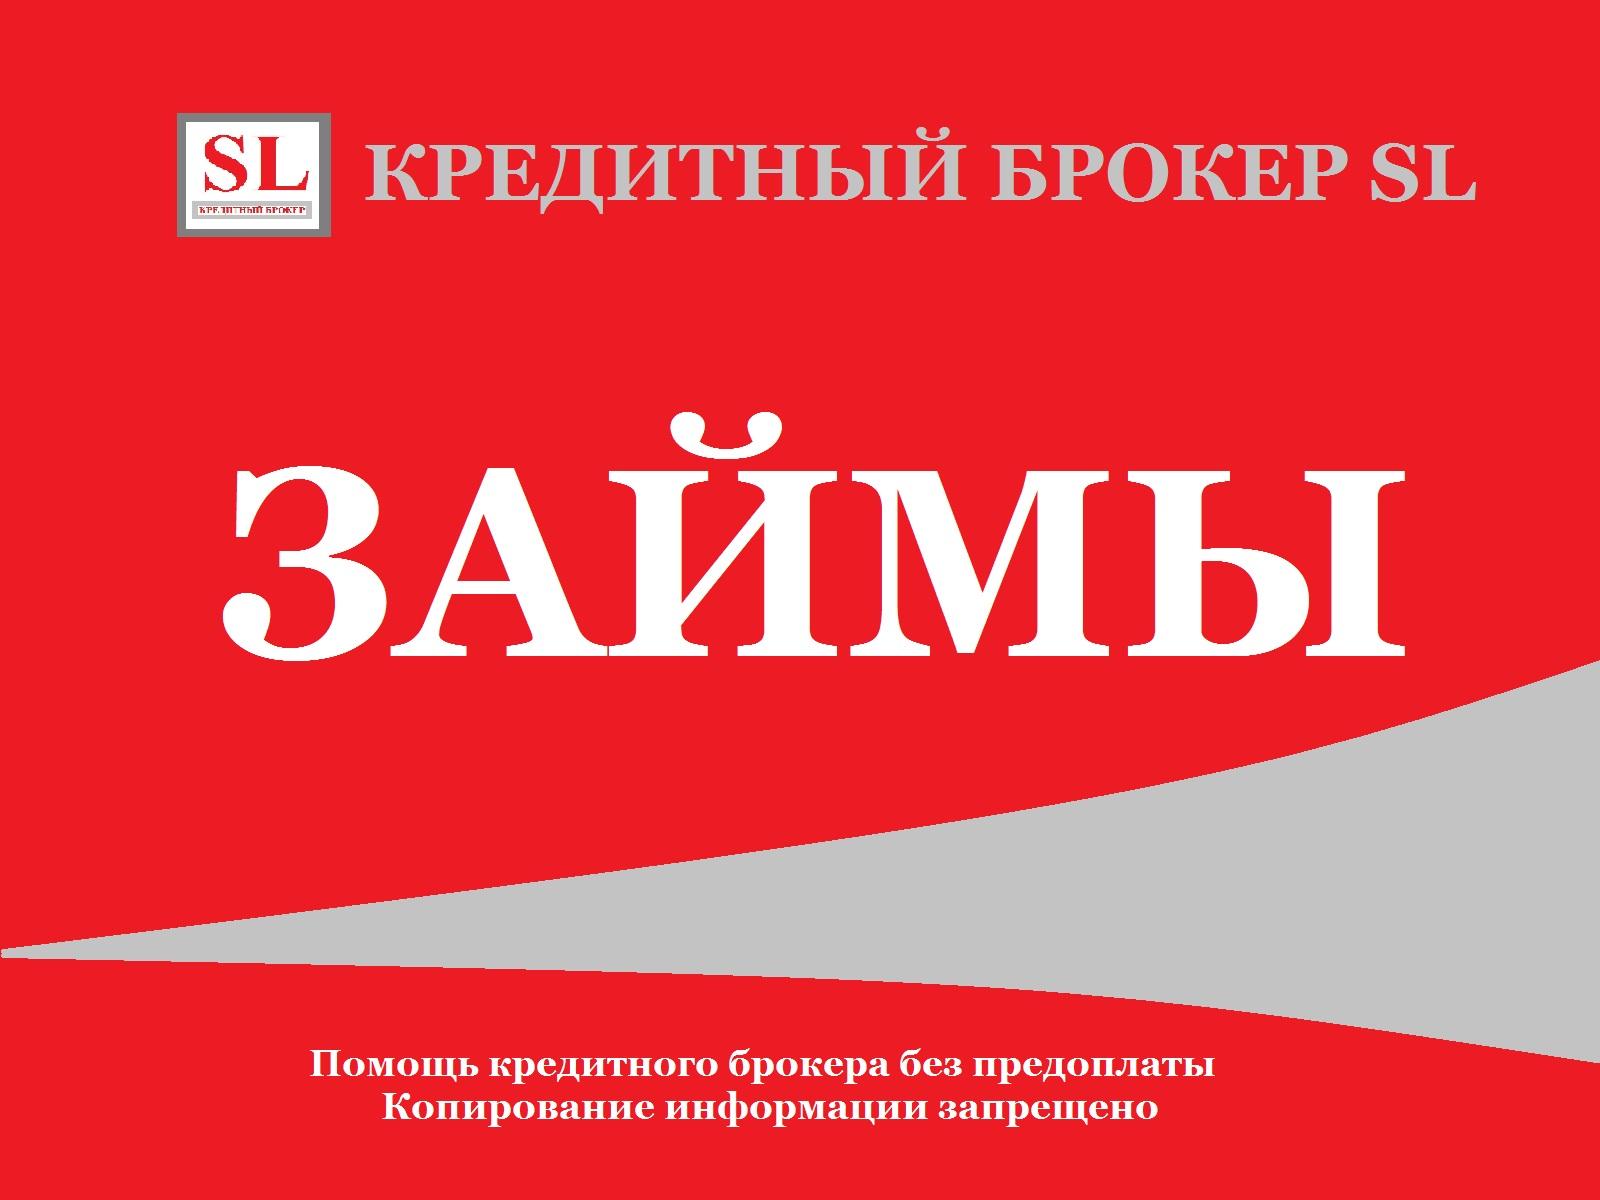 Займы на любые цели от частного инвестора - Краснодар